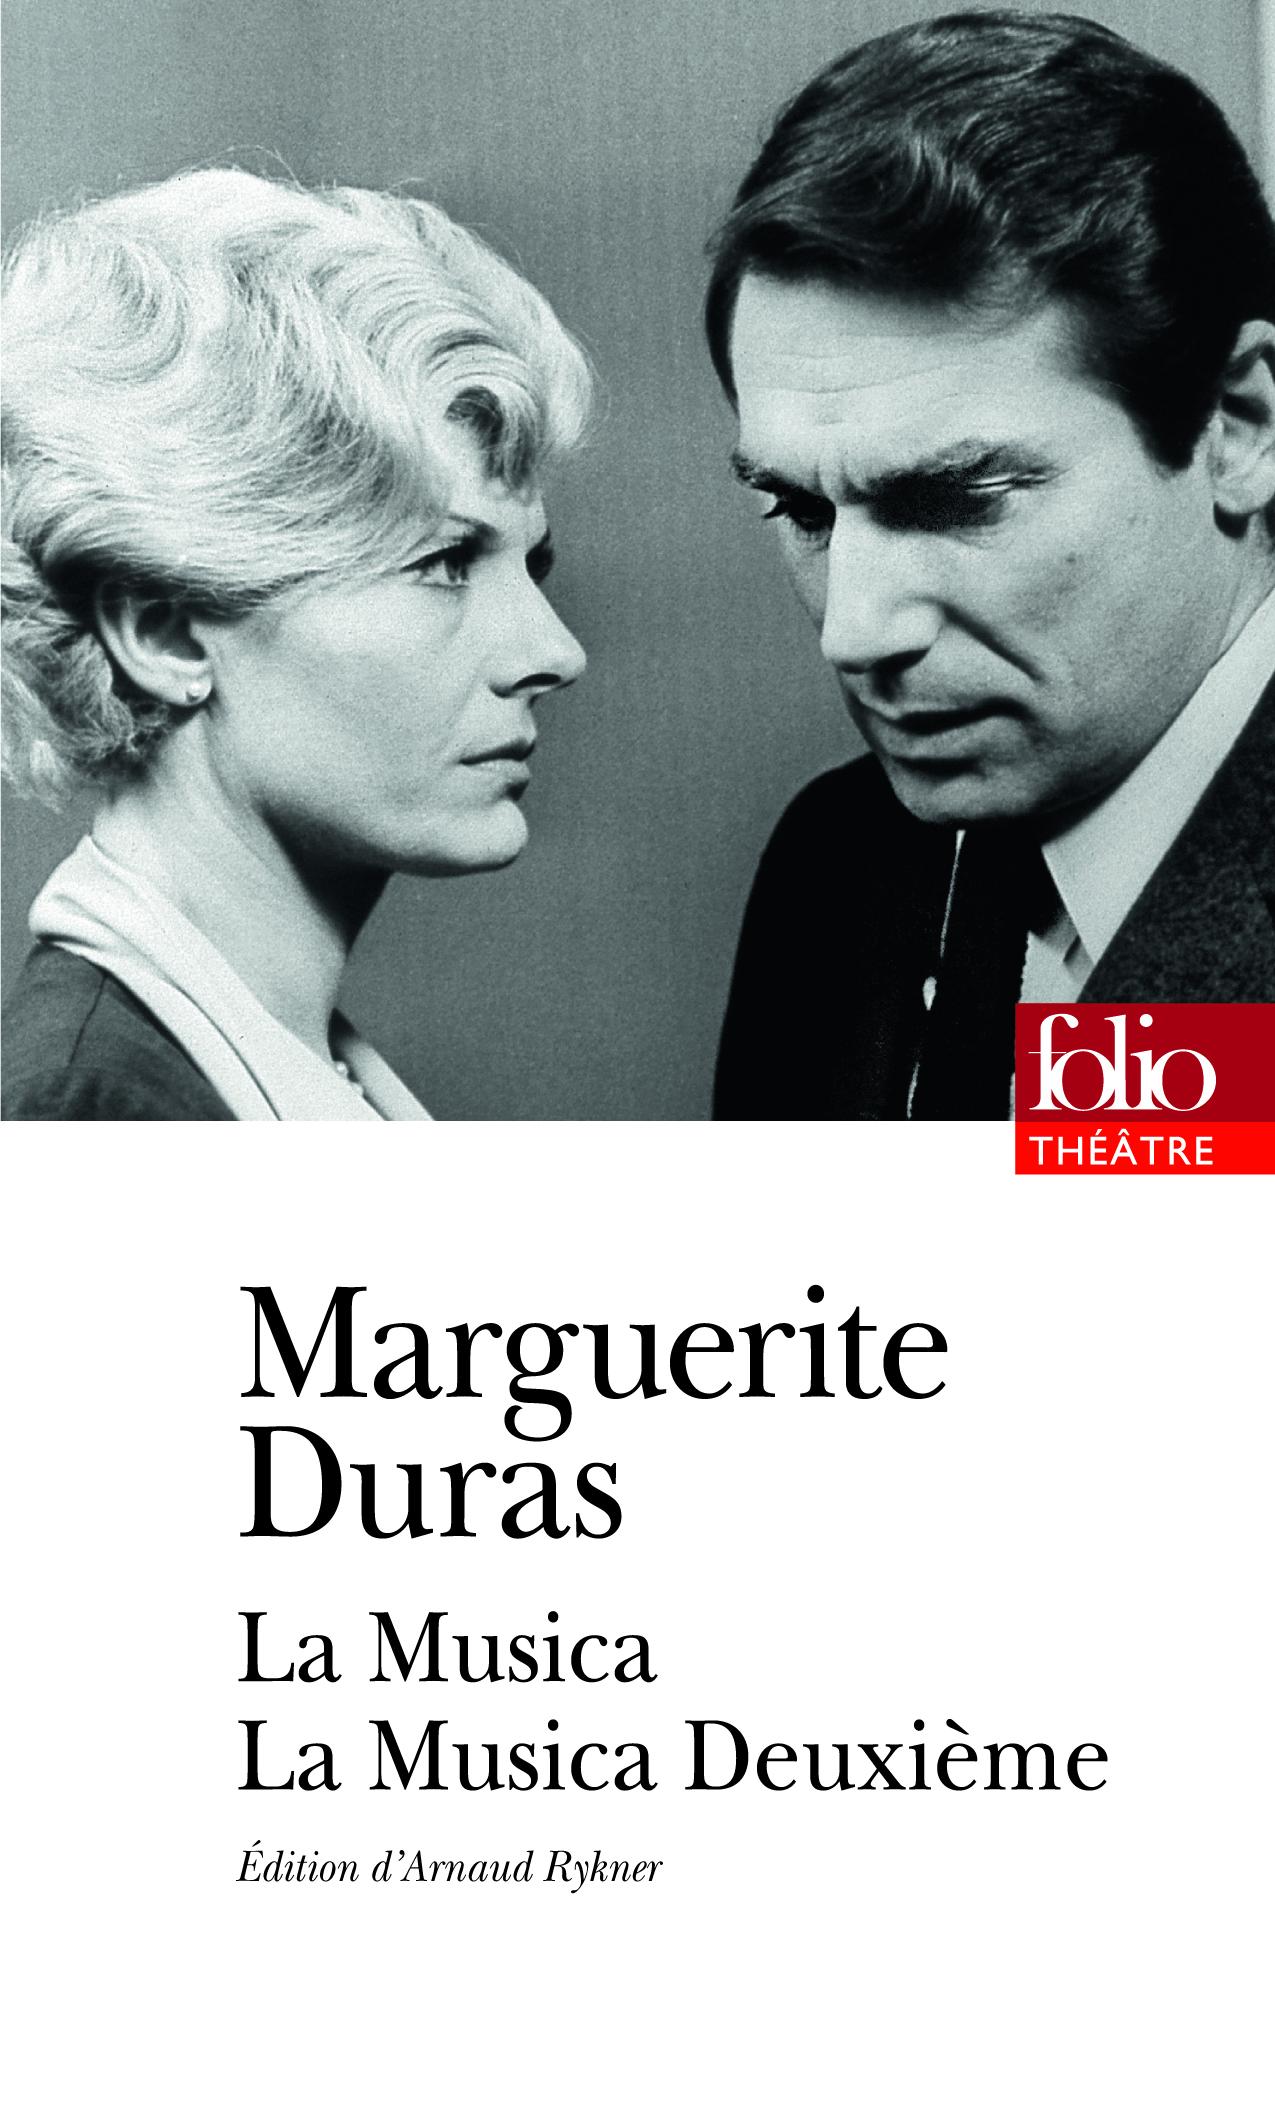 LA MUSICA SUIVI DE LA MUSICA DEUXIEME